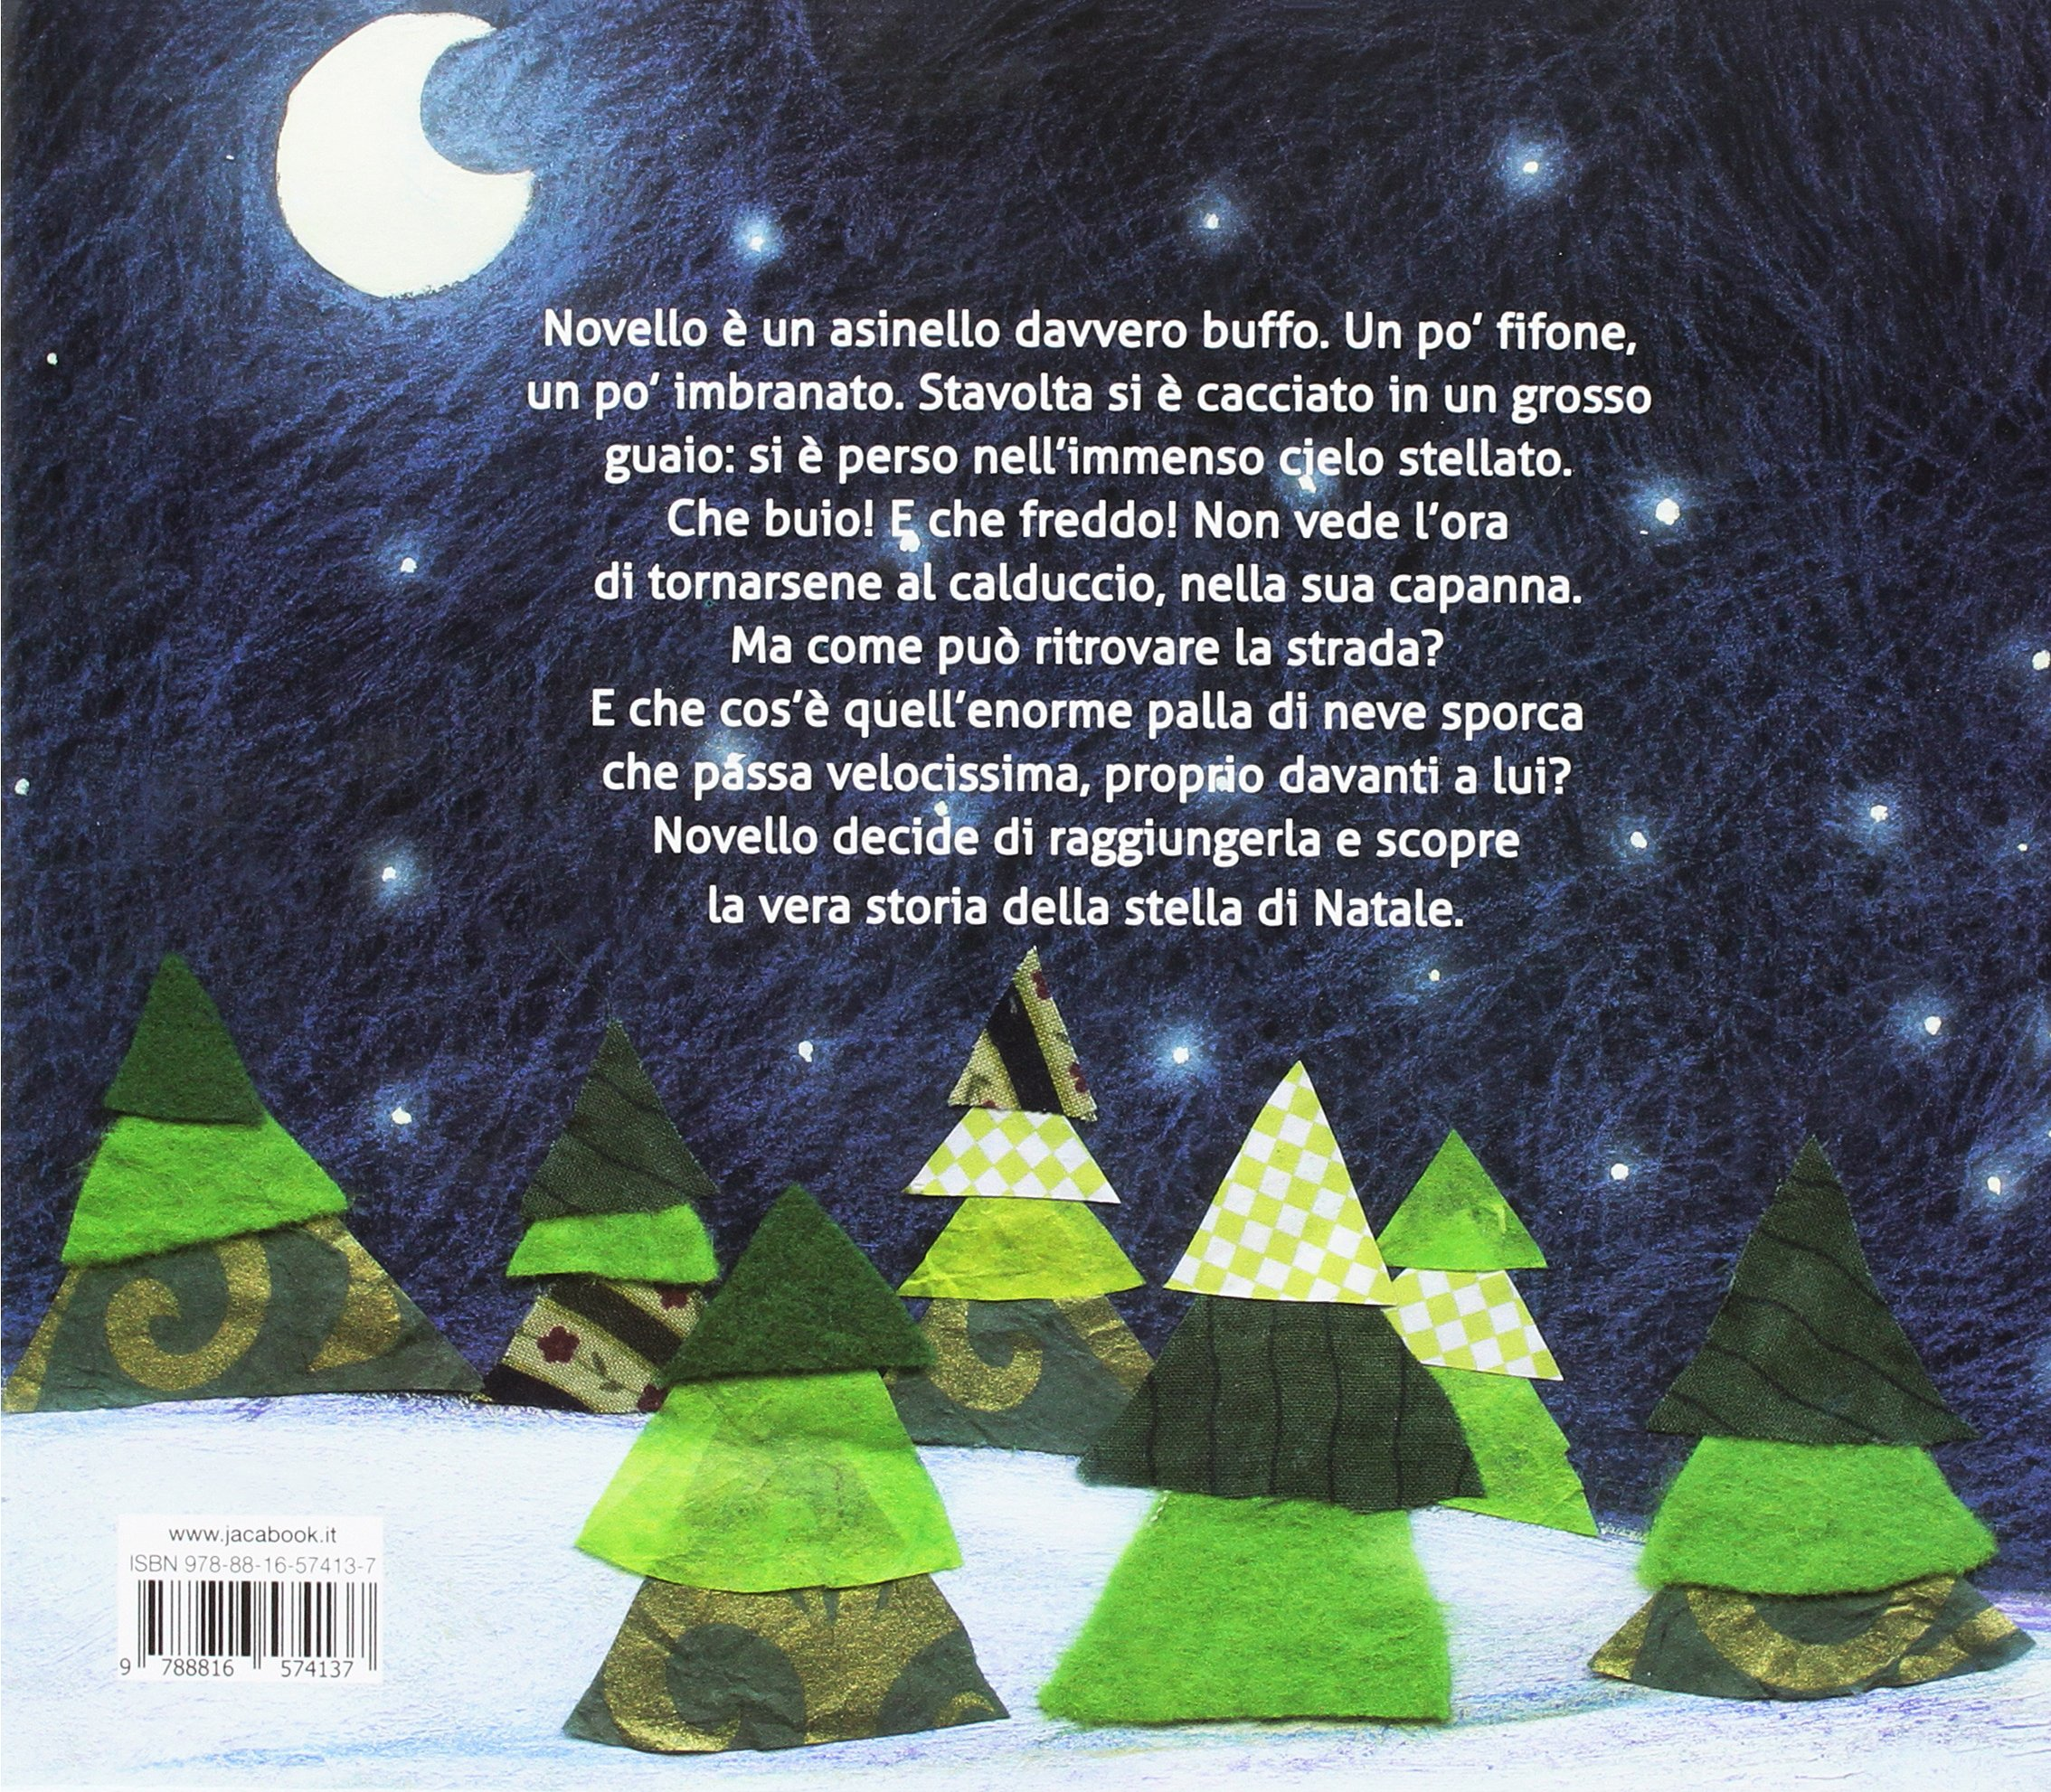 Storia Della Stella Di Natale.Palla Di Neve Sporca La Vera Storia Della Stella Di Natale Amazon